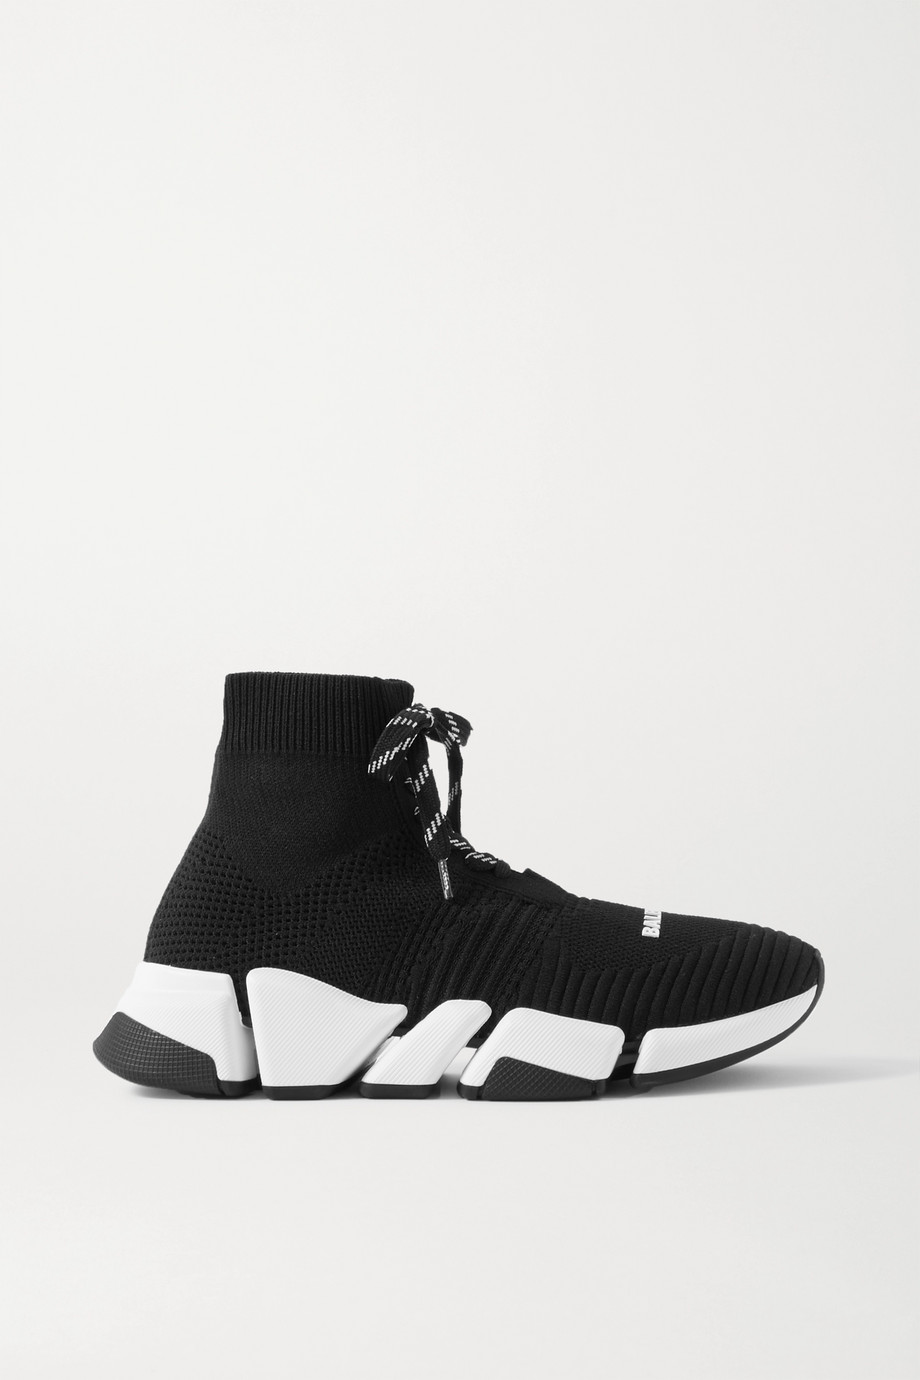 발렌시아가 스피드러너 2.0 여성용 -니트 블랙 Balenciaga Speed 2.0 stretch-knit high-top sneakers,Black